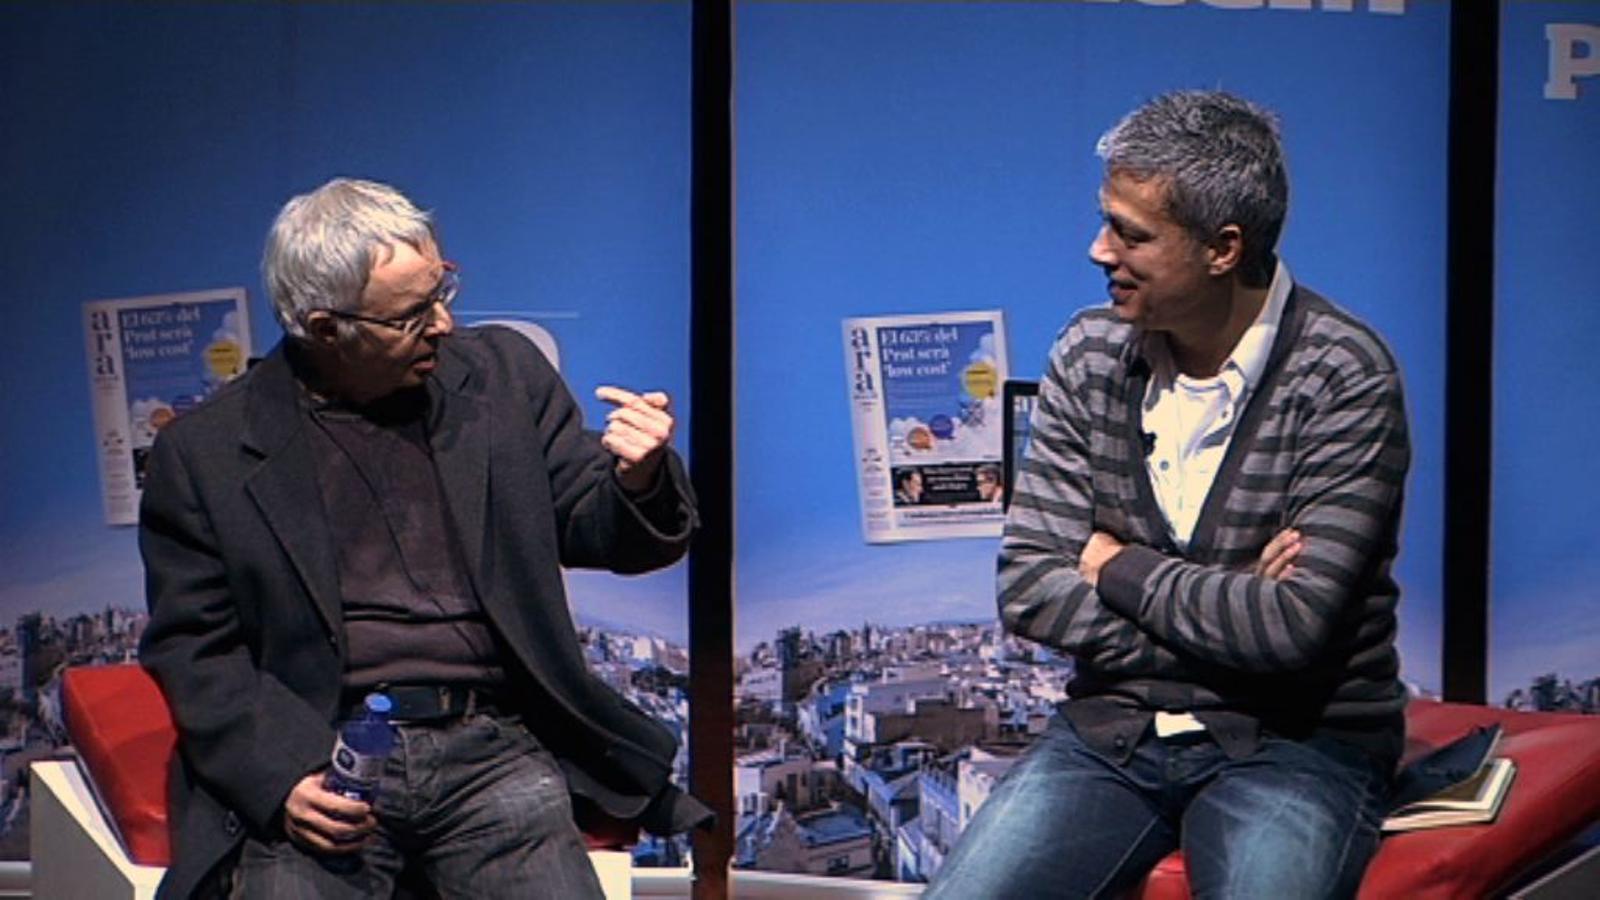 Ferran Torrent: El 23-F em va agafar a Frankfurt i vaig entendre que ETA s'havia carregat Milans i Tejero.